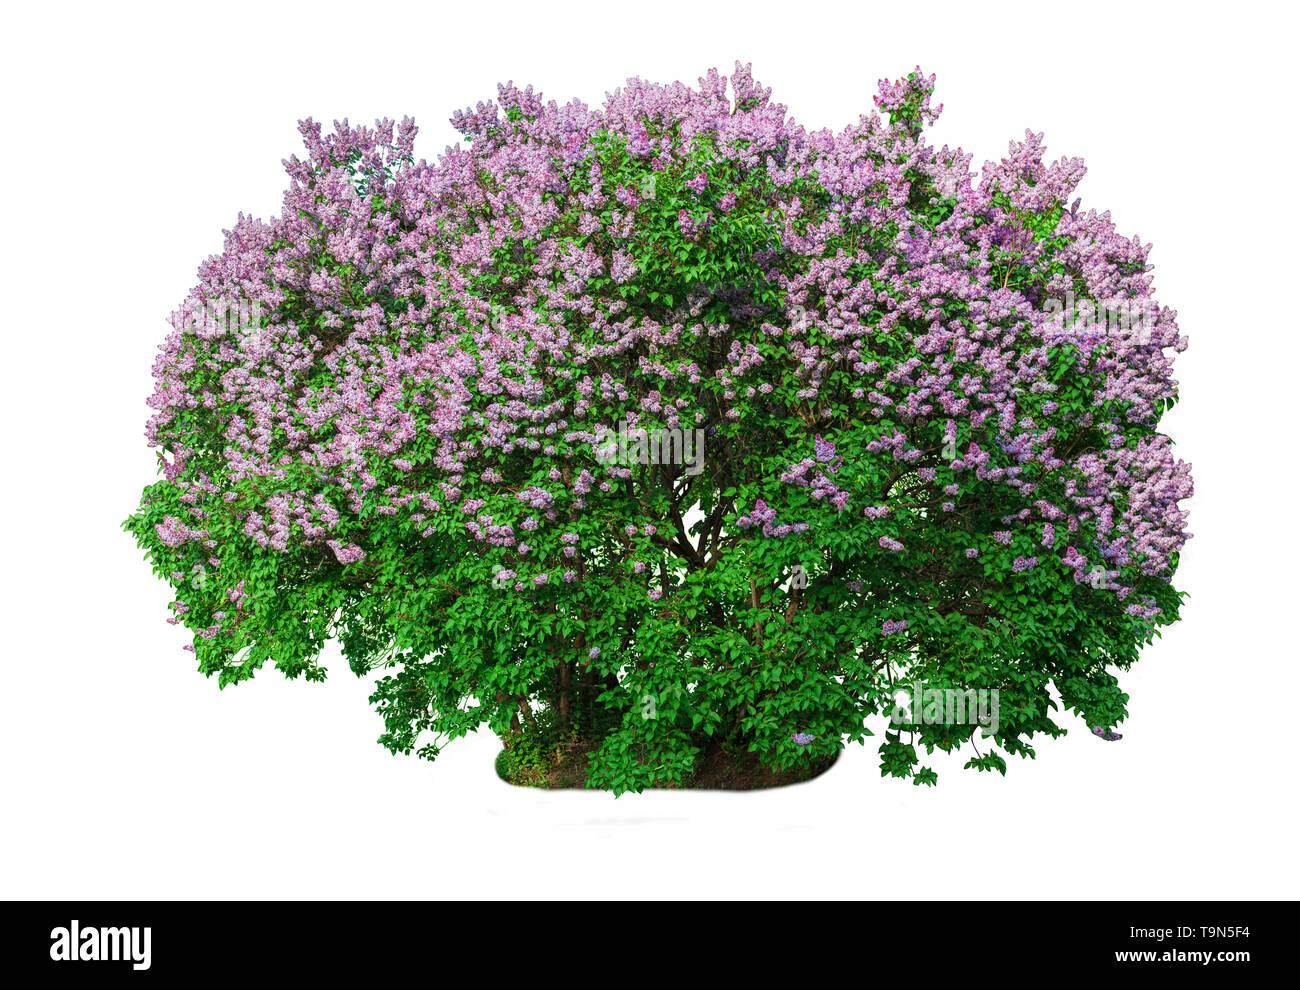 Blooming lilac bush isolato su sfondo bianco. Immagini Stock